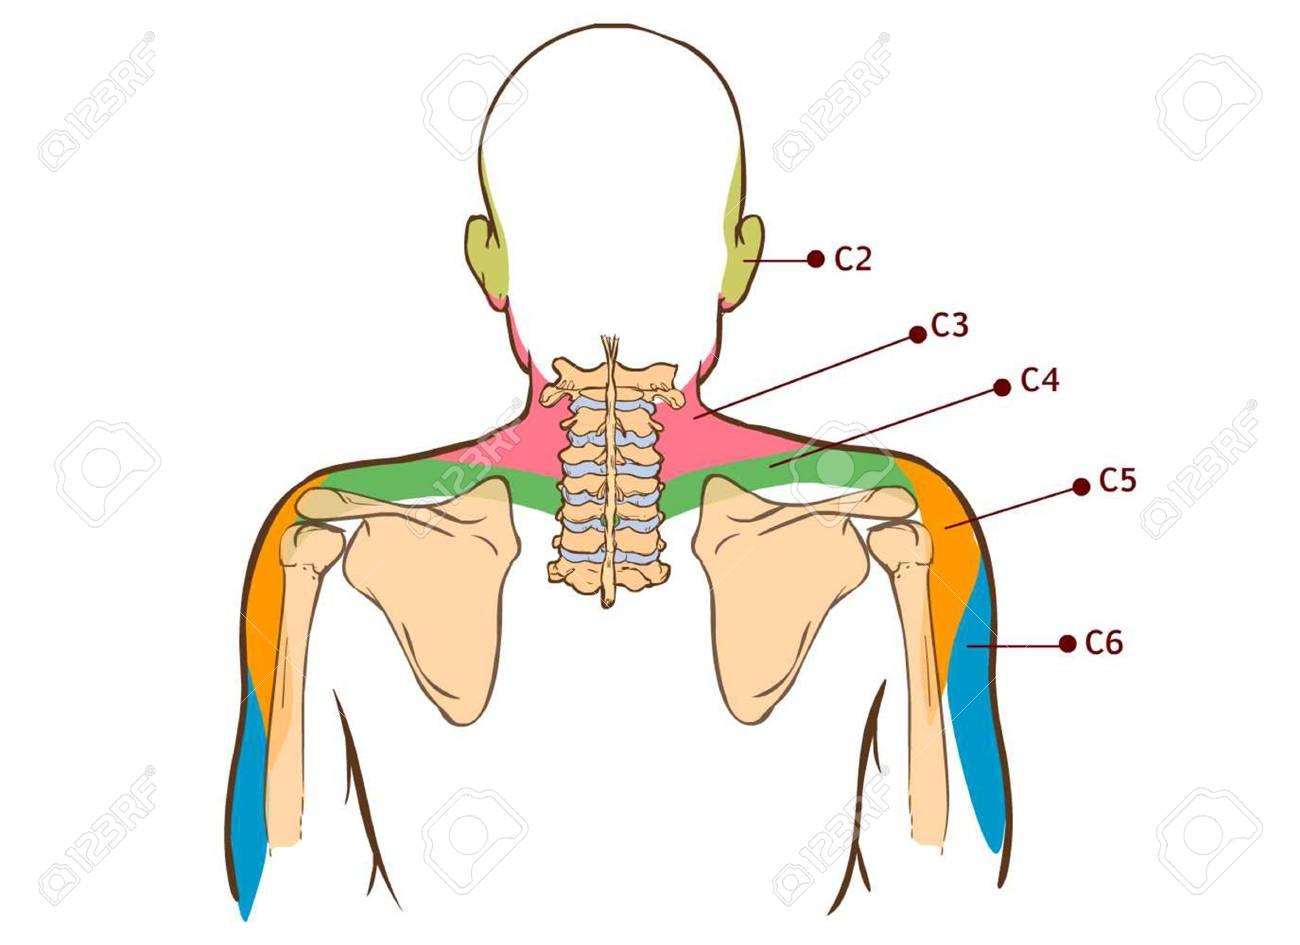 Levator Scapulae Muscular - Tablero Didáctico De La Anatomía Del ...